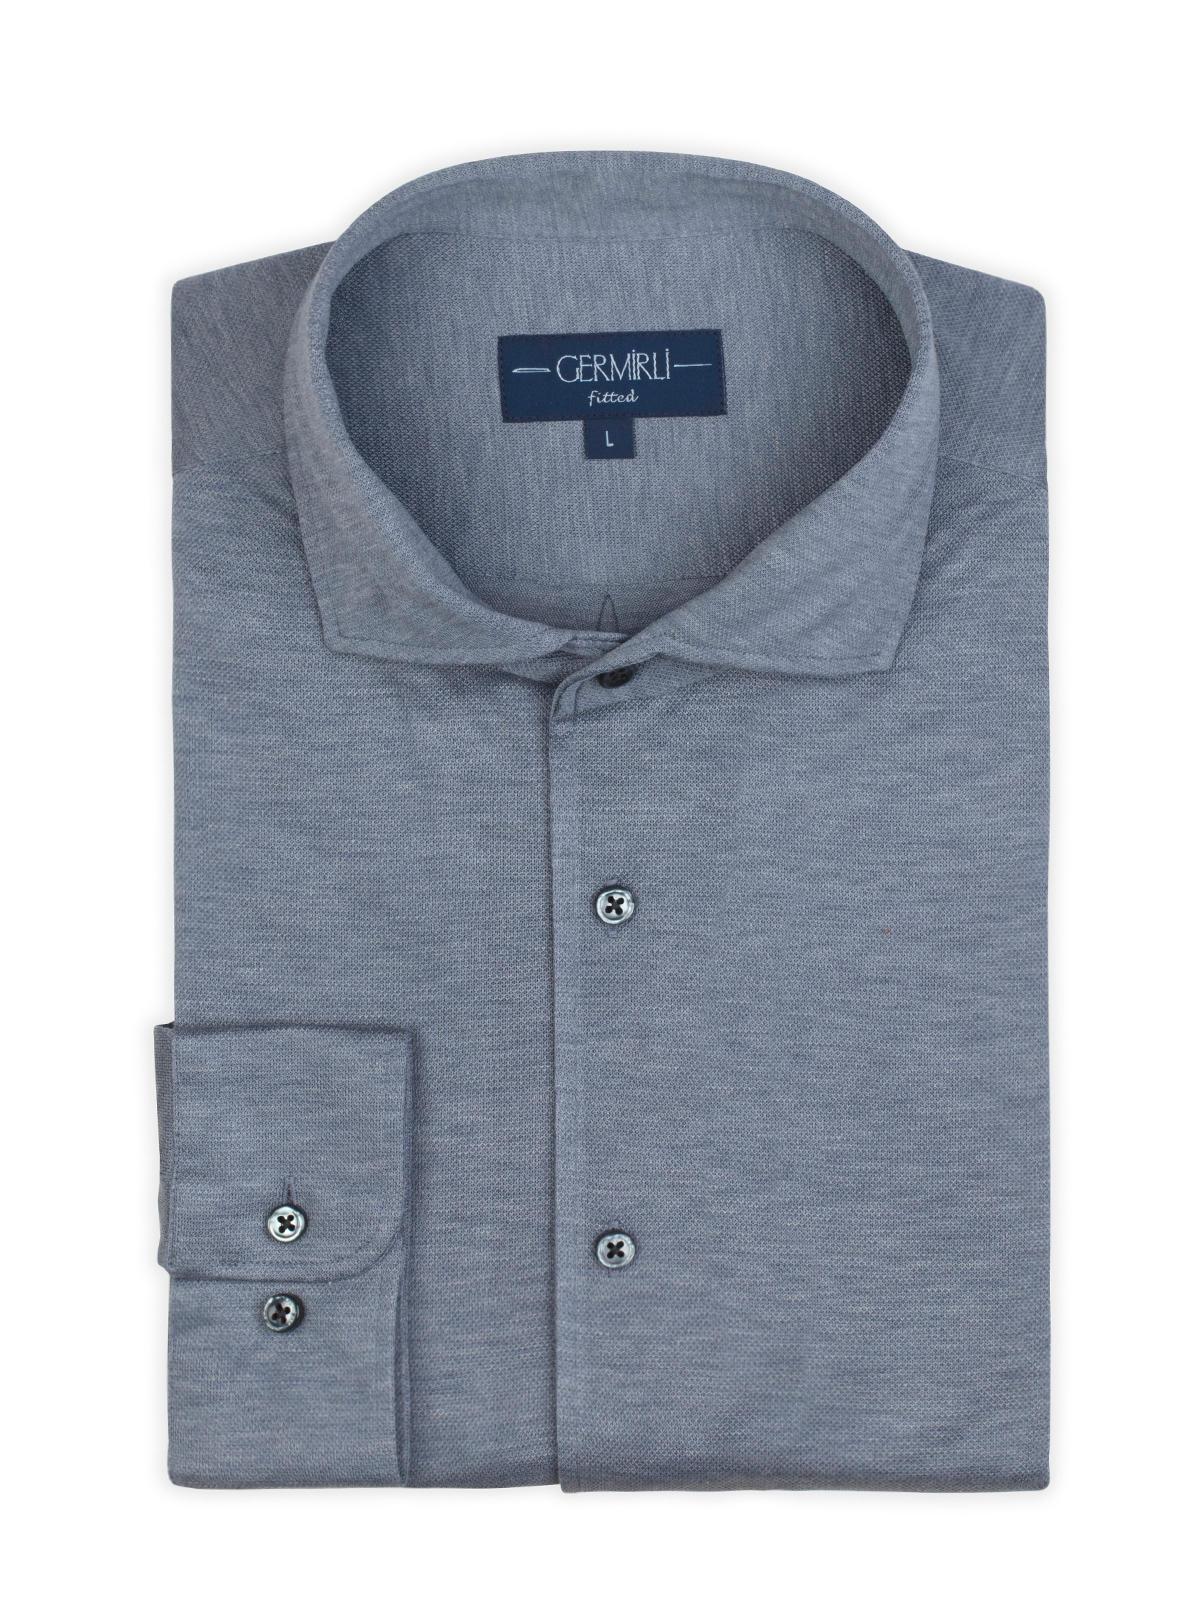 Germirli Nevapaş Tek Parça Yaka Açık Mavi Tailor Fit Piquet Örme Gömlek